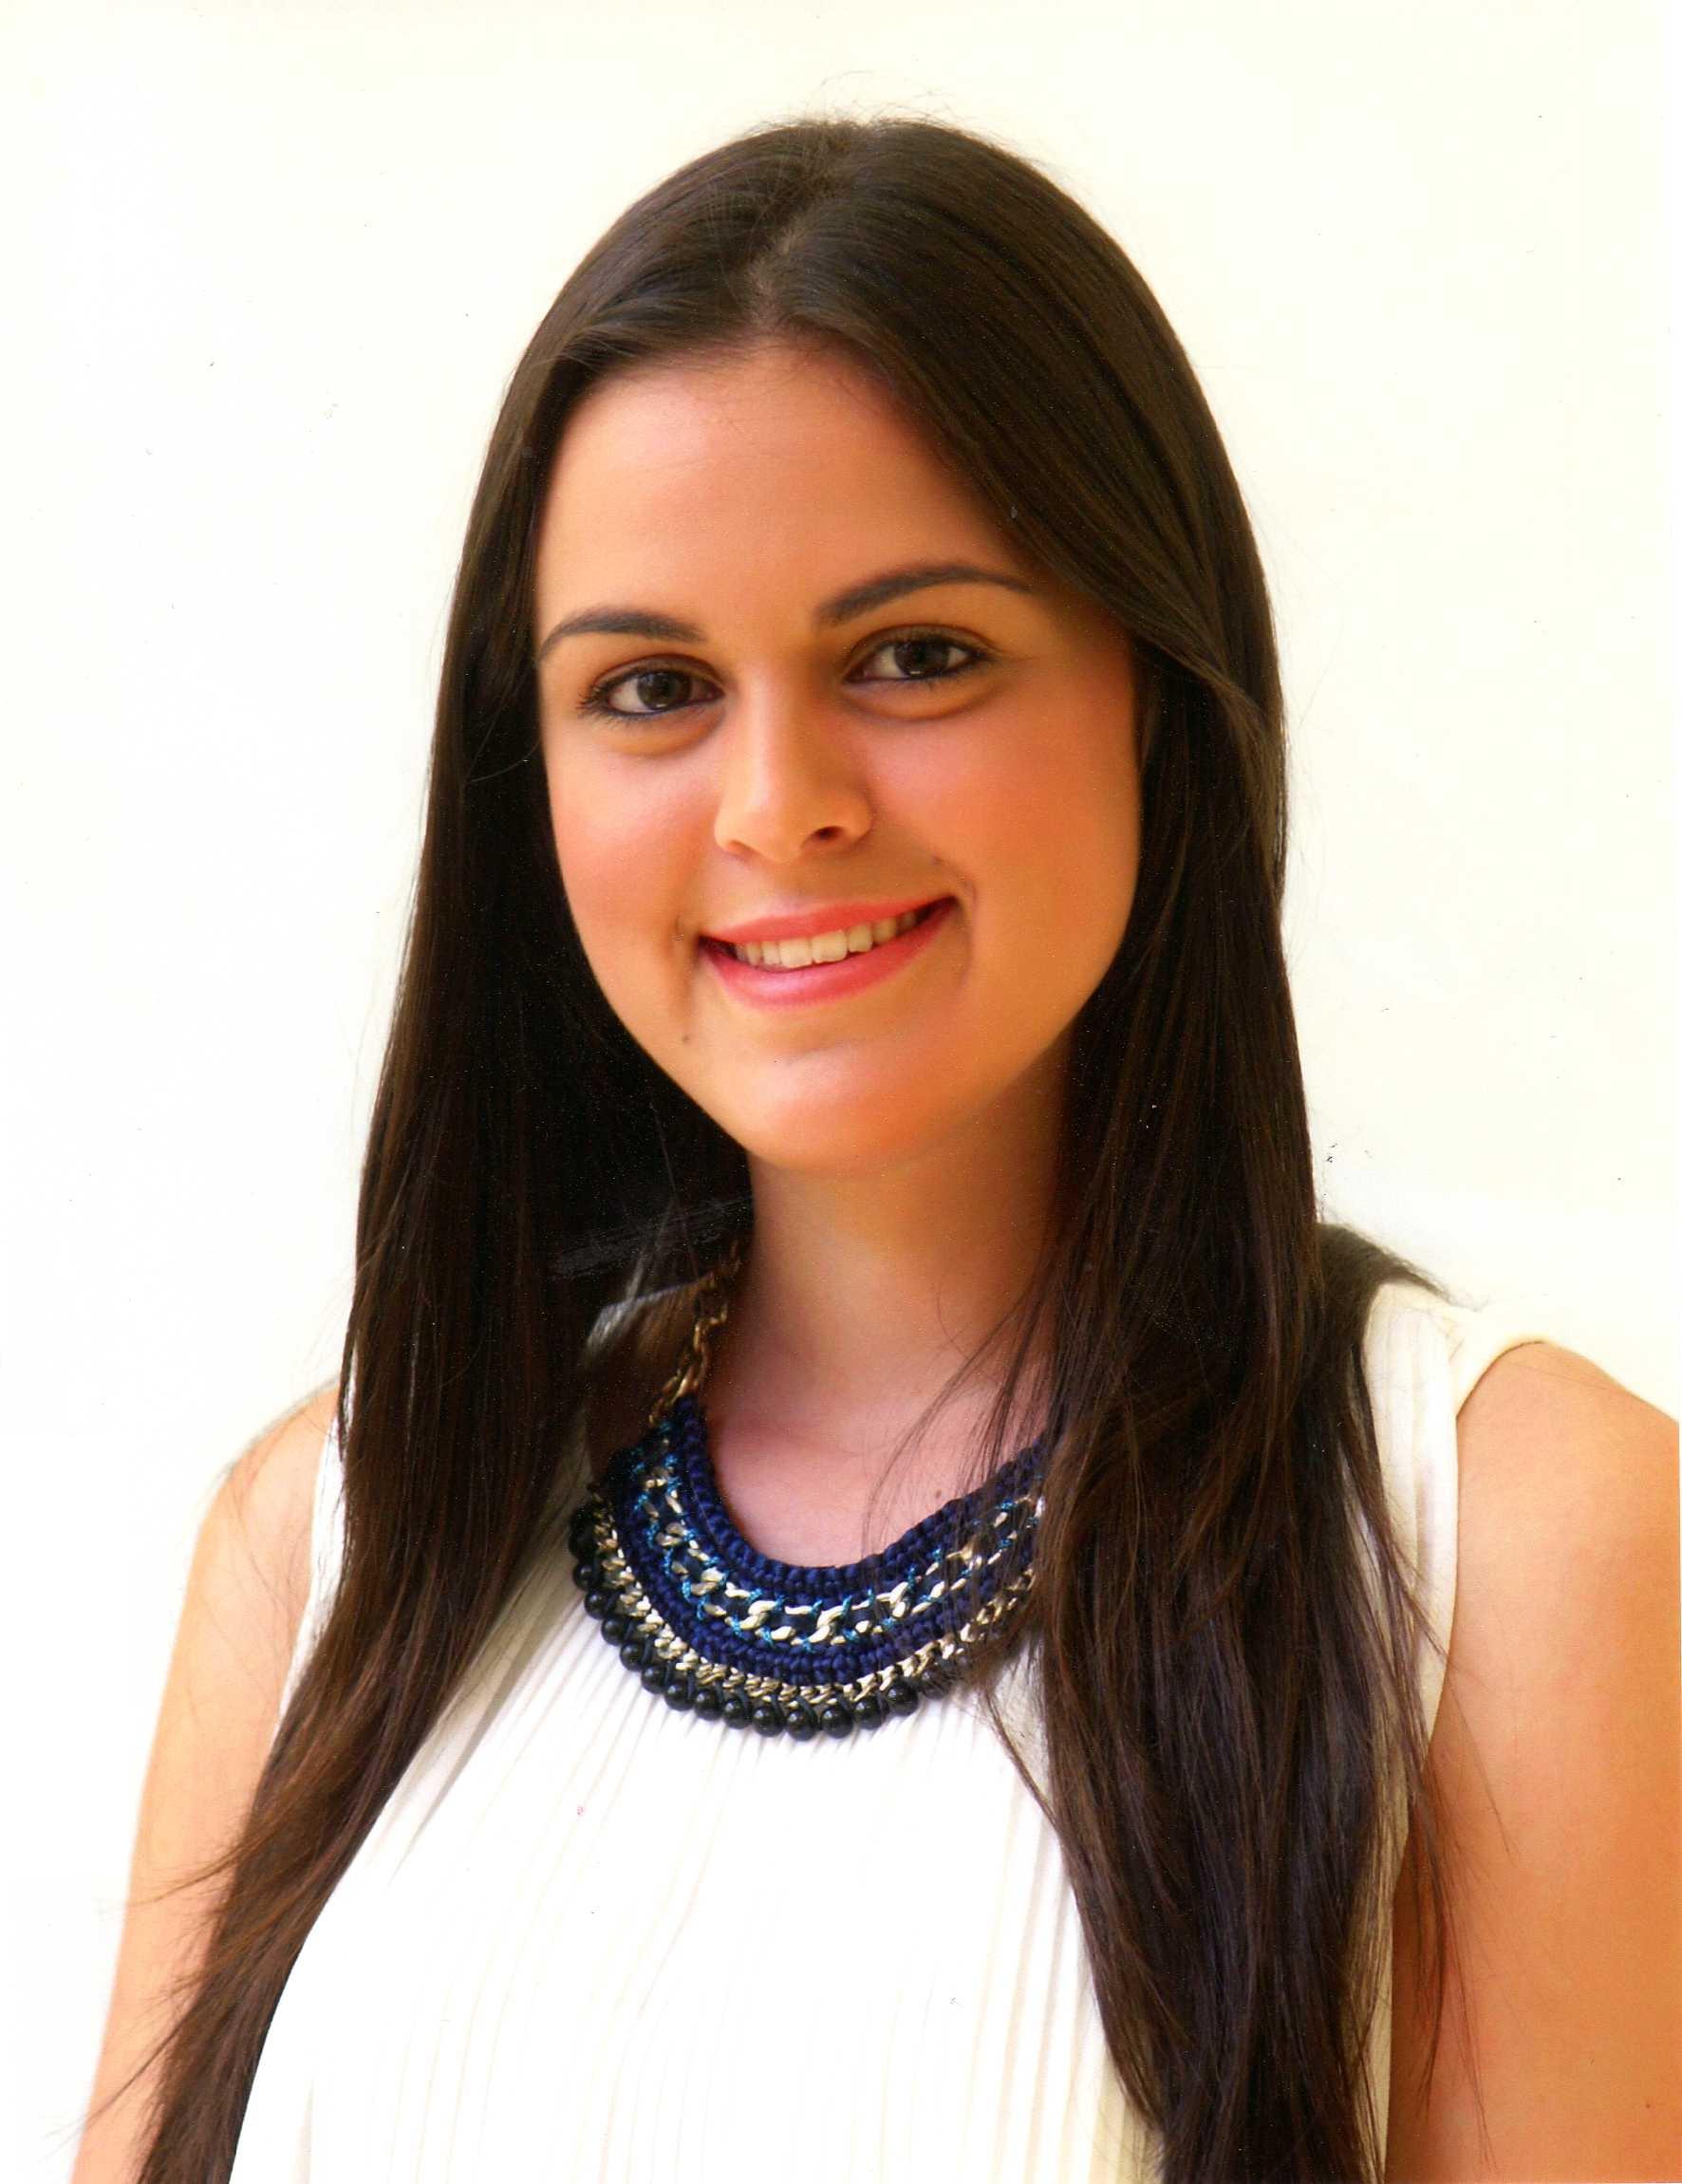 Verónica Fortuño será la nueva Reina de las Fiestas de Vila-real 2017